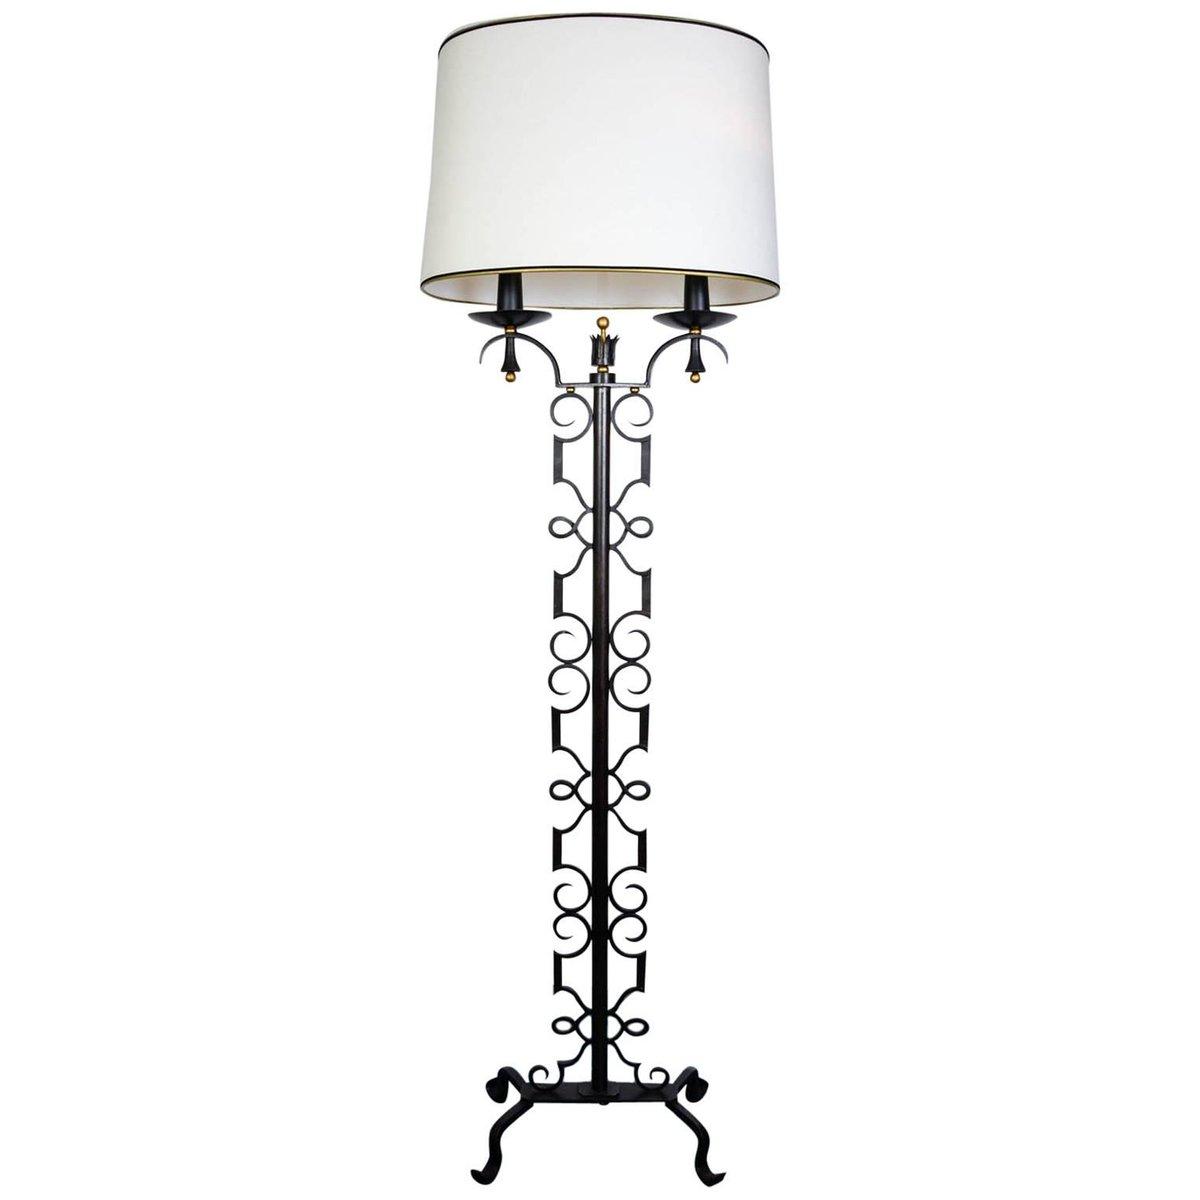 Stehlampe von Paul Kiss, 1940er